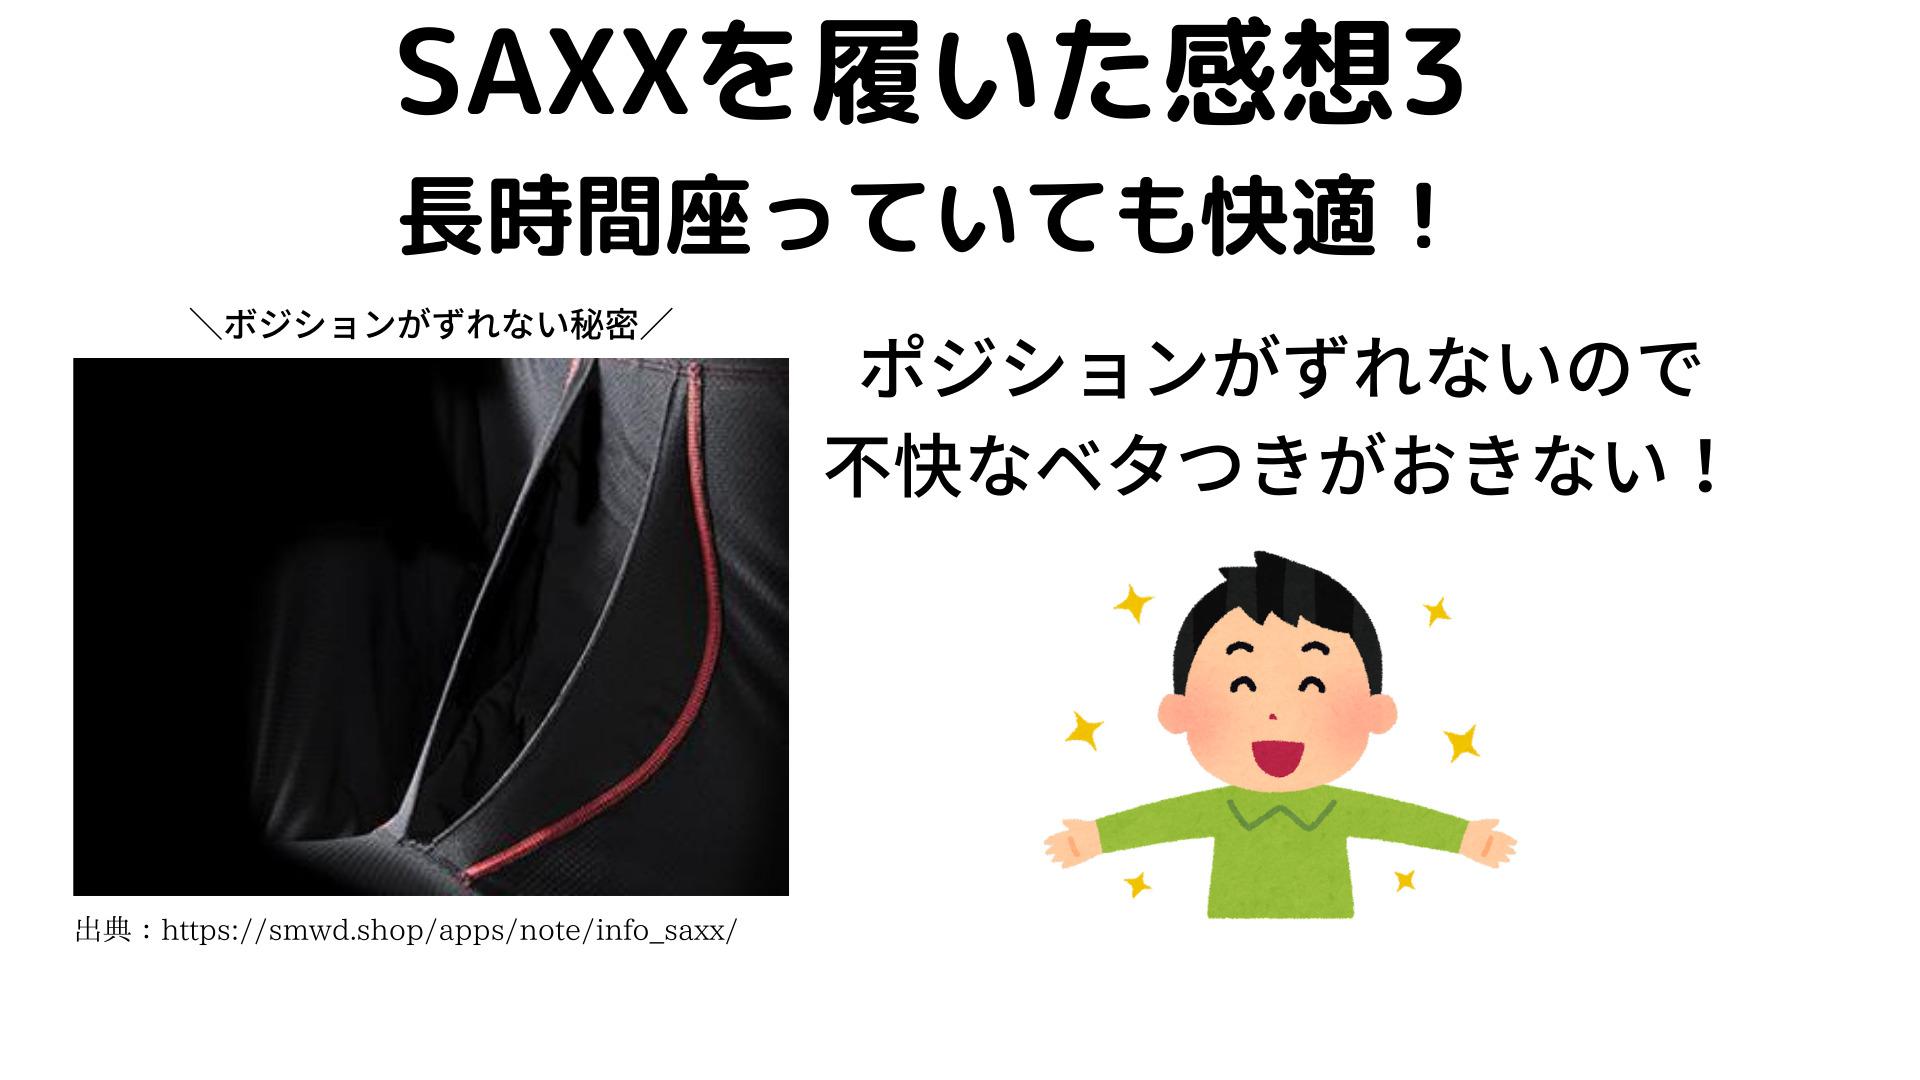 SAXXを履いた3つめの感想